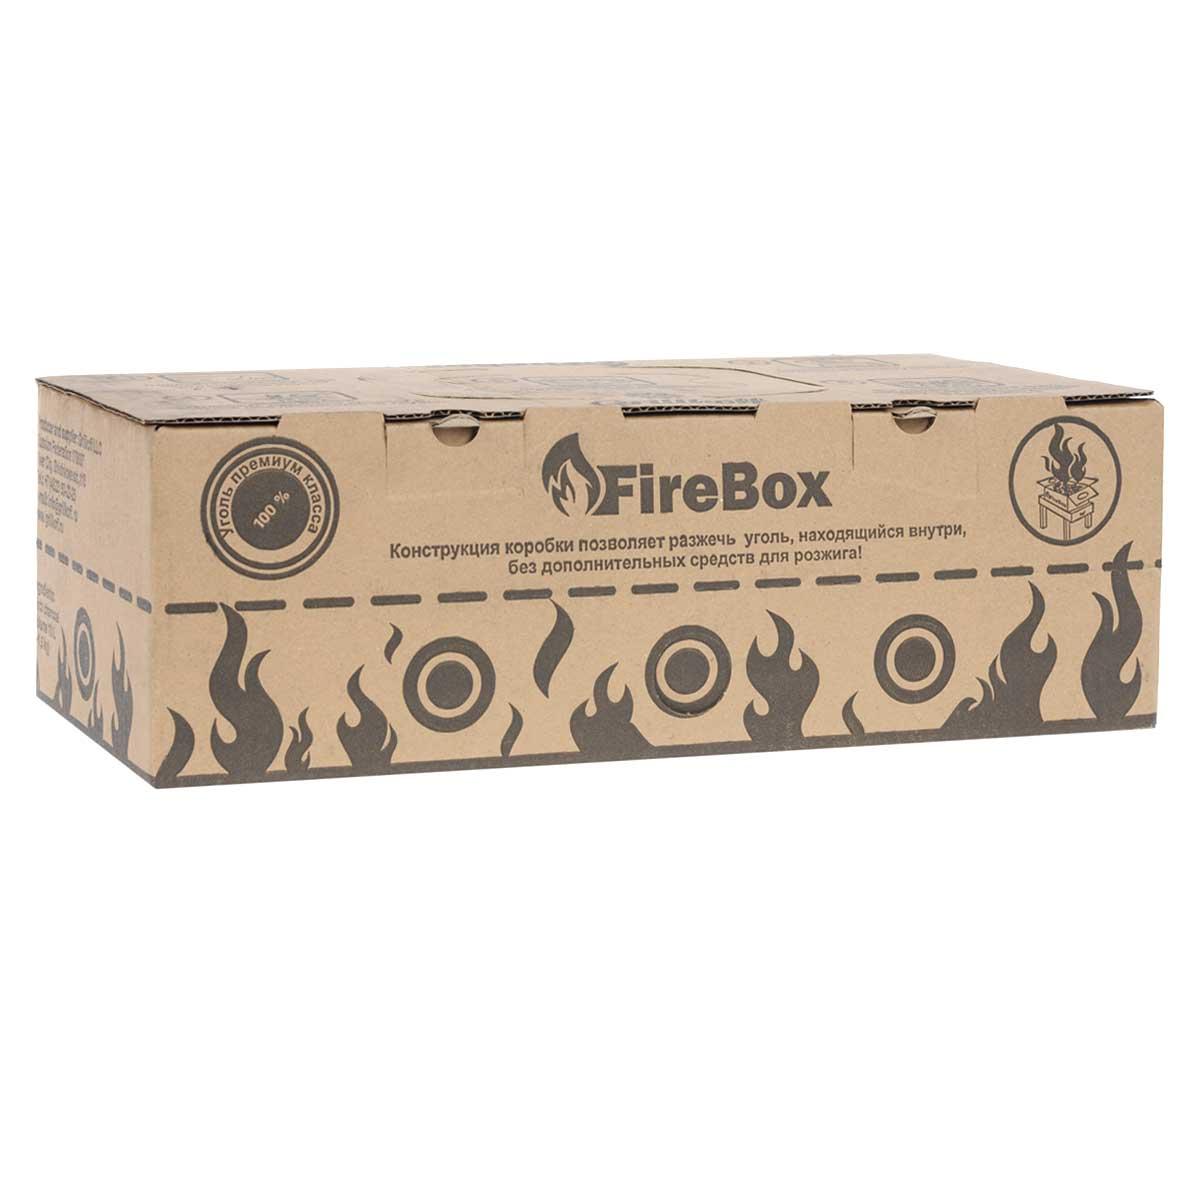 Уголь древесный Грилькофф FireBox, отборный, 1,5 кг19201Уголь Грилькофф FireBox изготовлен изабсолютно натуральных материалов, он чрезвычайно легок в использовании, которое не предполагает добавления каких либо химических веществ. Это существенно улучшает вкус приготовляемых с помощью Грилькофф FireBox продуктов. Грилькофф FireBox легок в использовании, и после выполнения нескольких элементарных действий он быстро разгорится без использования дополнительных горючих материалов.Достаточно выполнить 5 последовательных действий, и вы сможете без труда разжечь уголь, не вынимая из коробки!Размер упаковки: 40 см х 13 см х 25 см.Вес упаковки: 1,5 кг (10 л).Состав: отборный древесный уголь.